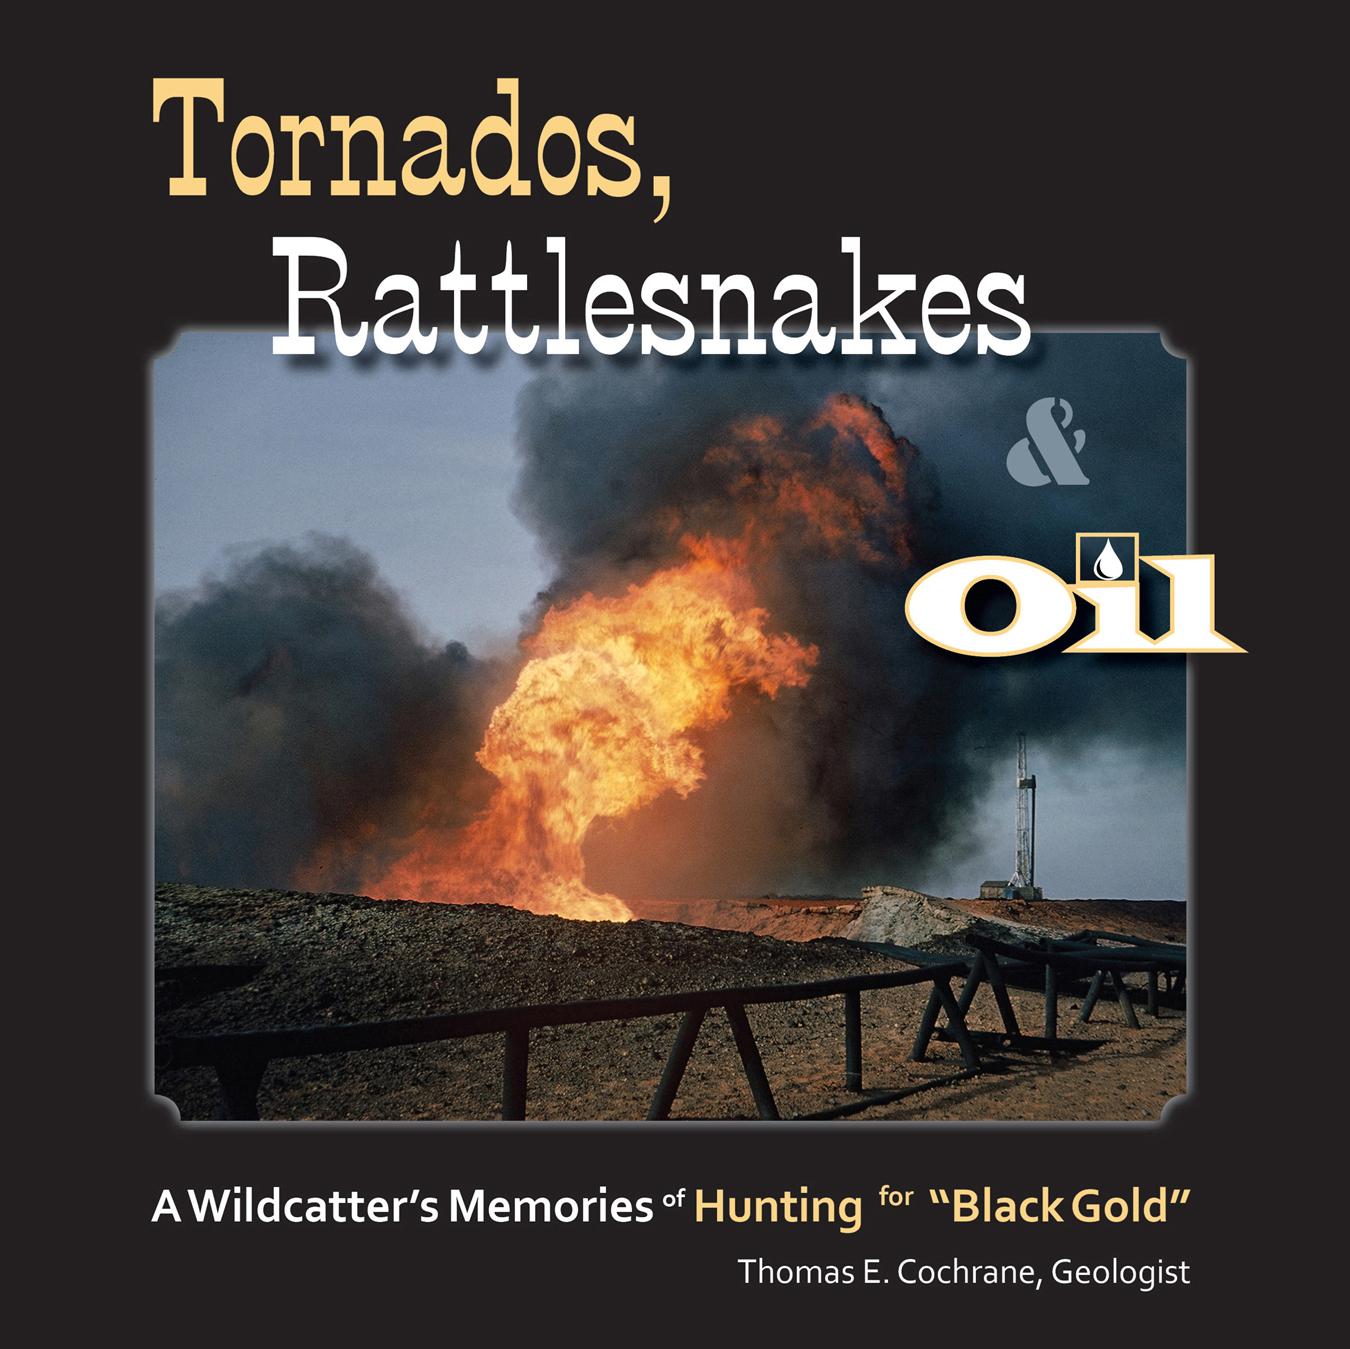 Tornados, Rattlesnakes